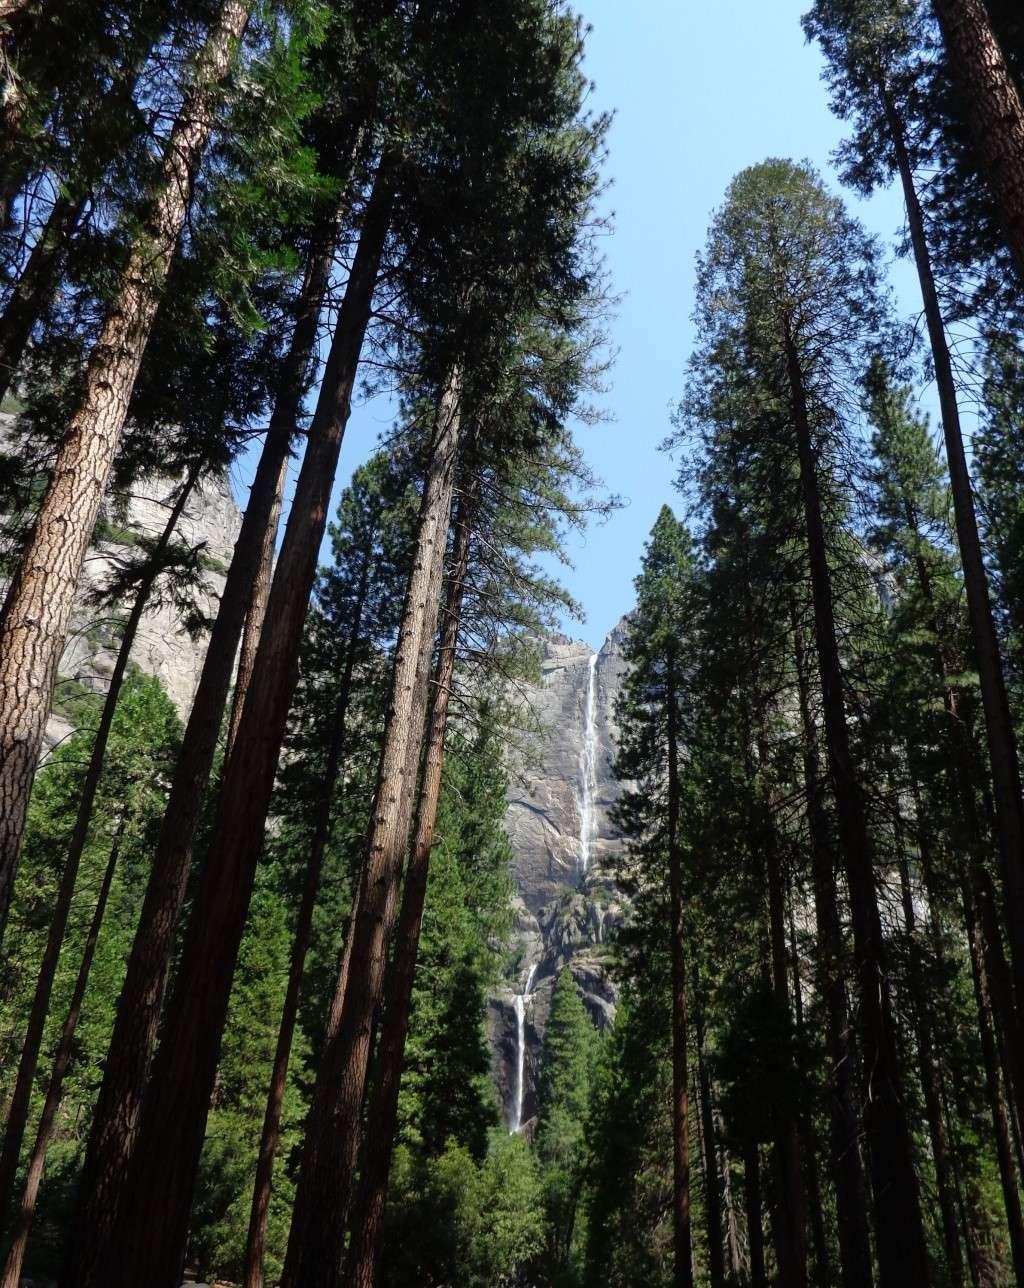 Notre inoubliable périple californien du 25 juin au 16 juillet 2013 (San Francisco, Yosemite, Los Angeles, Legoland, San Diego Zoo & SeaWorld et... DISNEYLAND!)  - Page 5 816